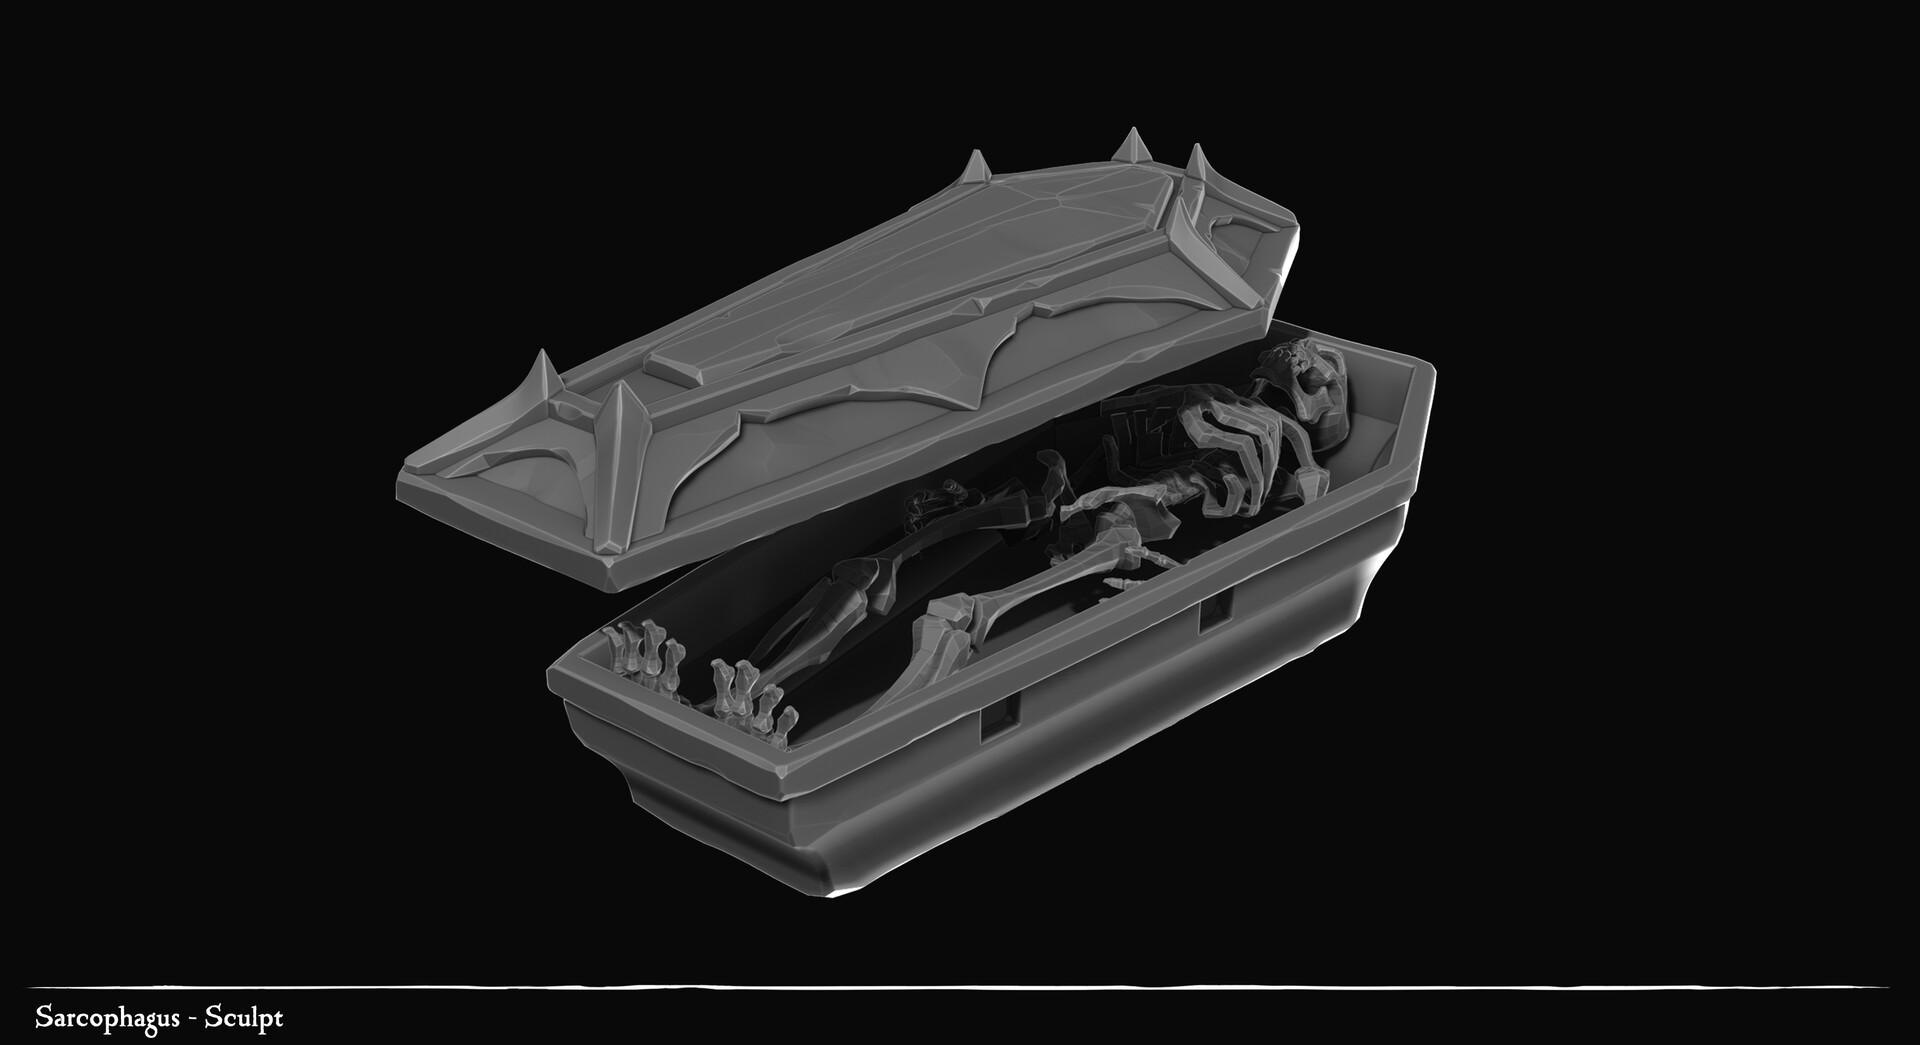 george-o-keeffe-12-sot-sarcoph-sculpt.jpg